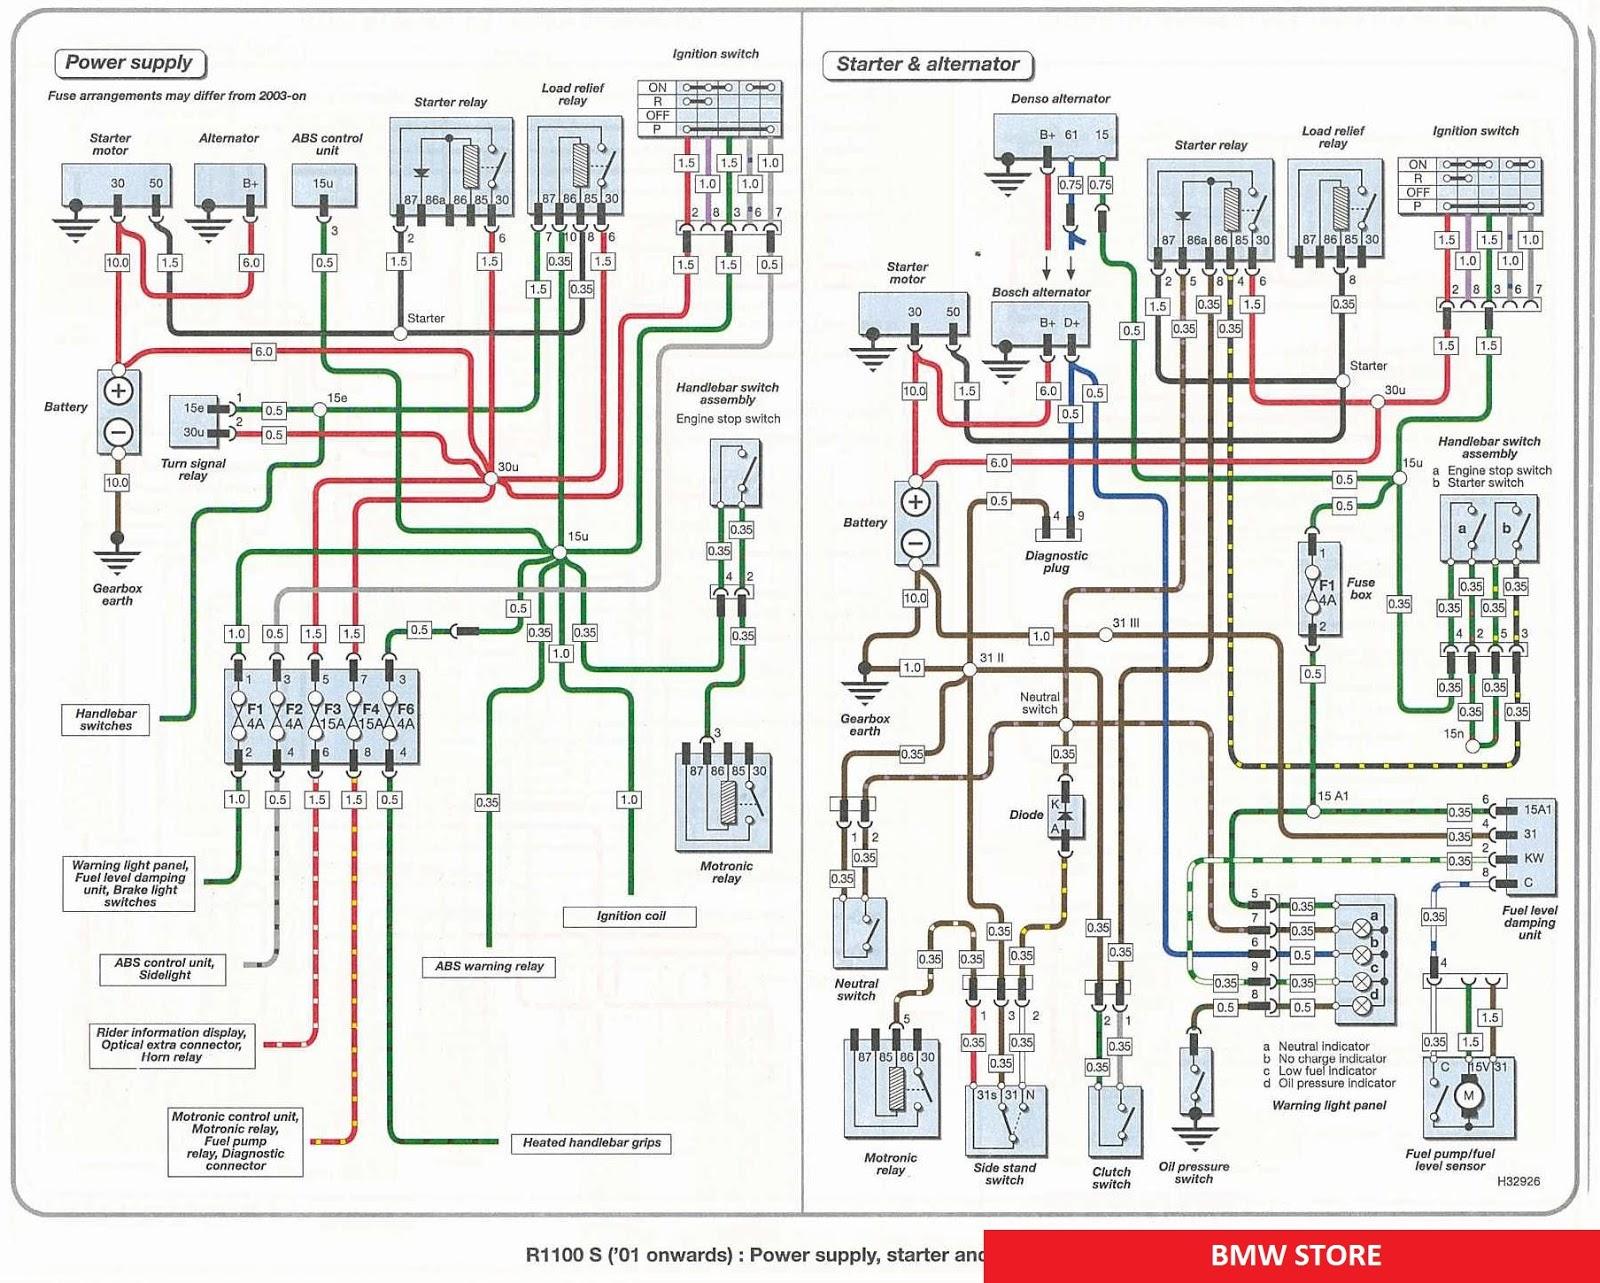 bmw r65 wiring diagram zd 4266  bmw r1100s wiring diagrams  zd 4266  bmw r1100s wiring diagrams